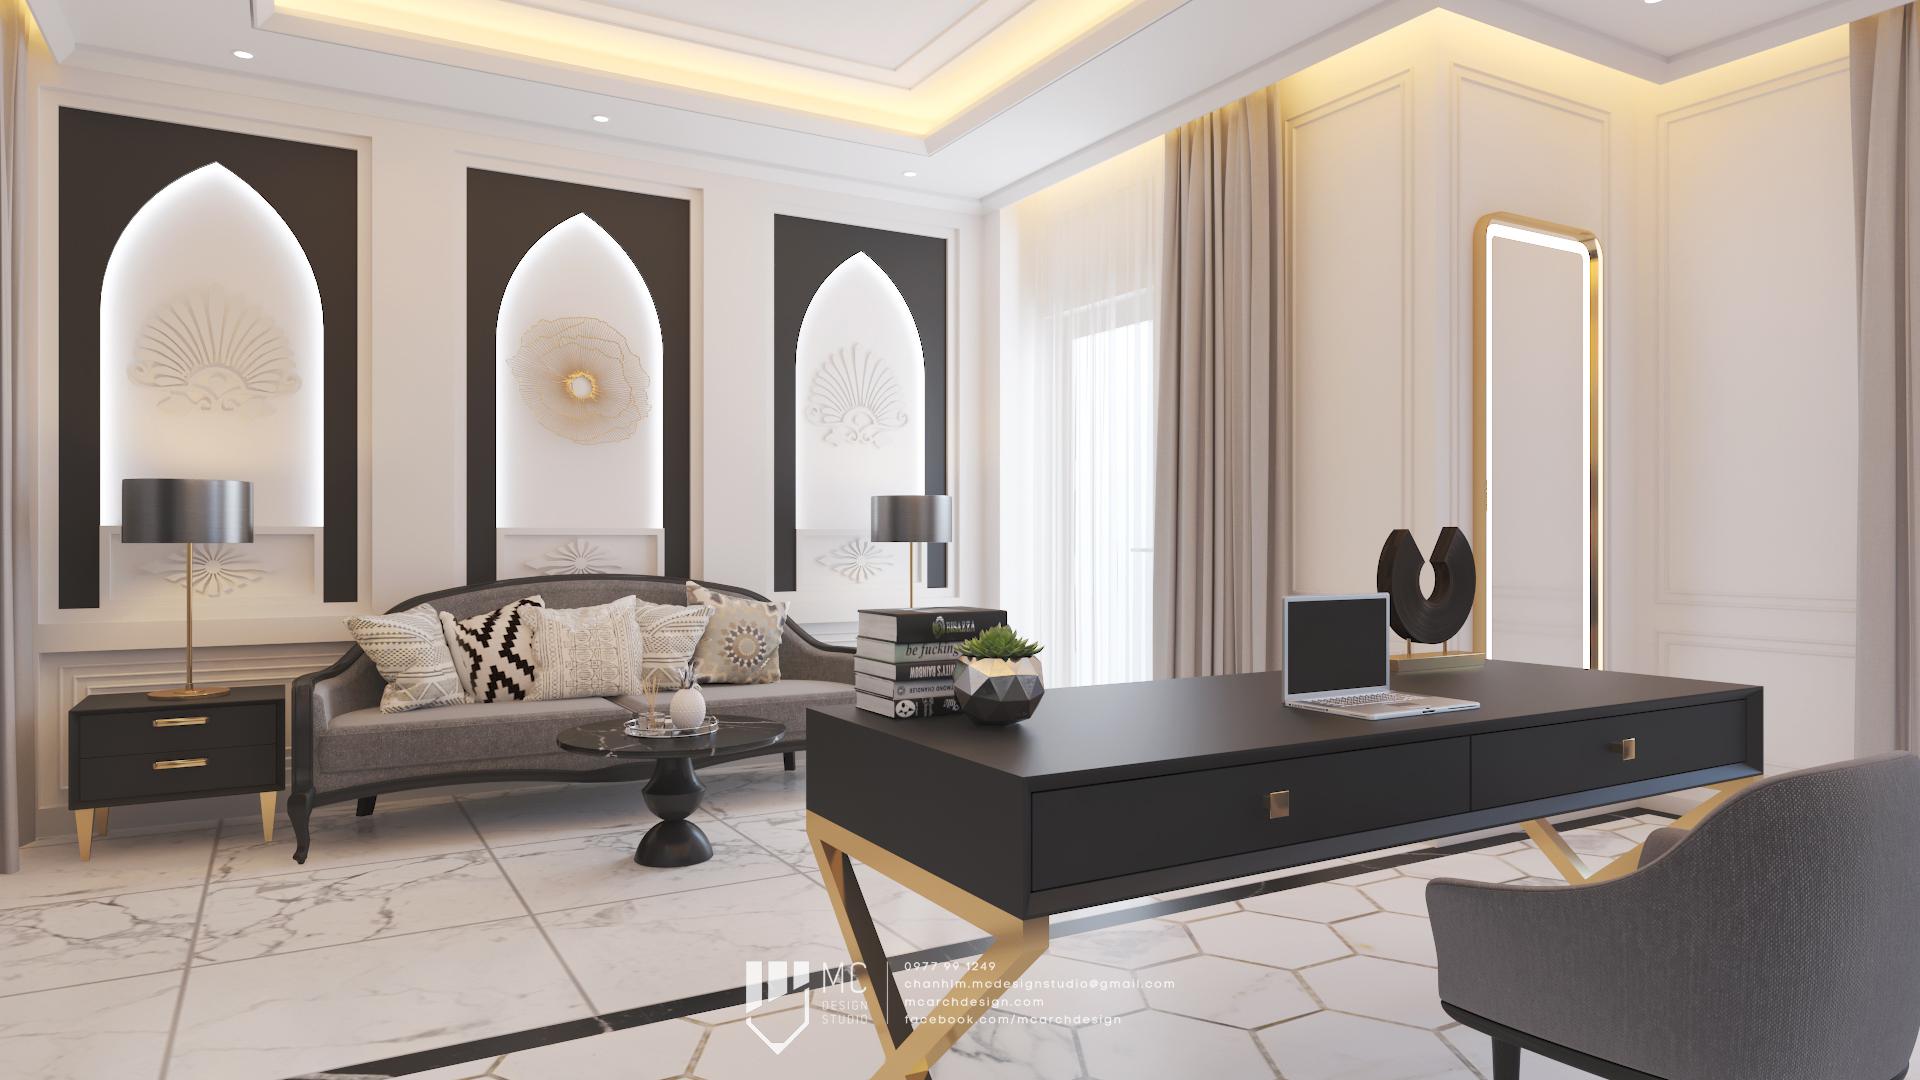 Thiết kế nội thất Nhà Mặt Phố tại Hồ Chí Minh Rosita Q9 1590741785 8